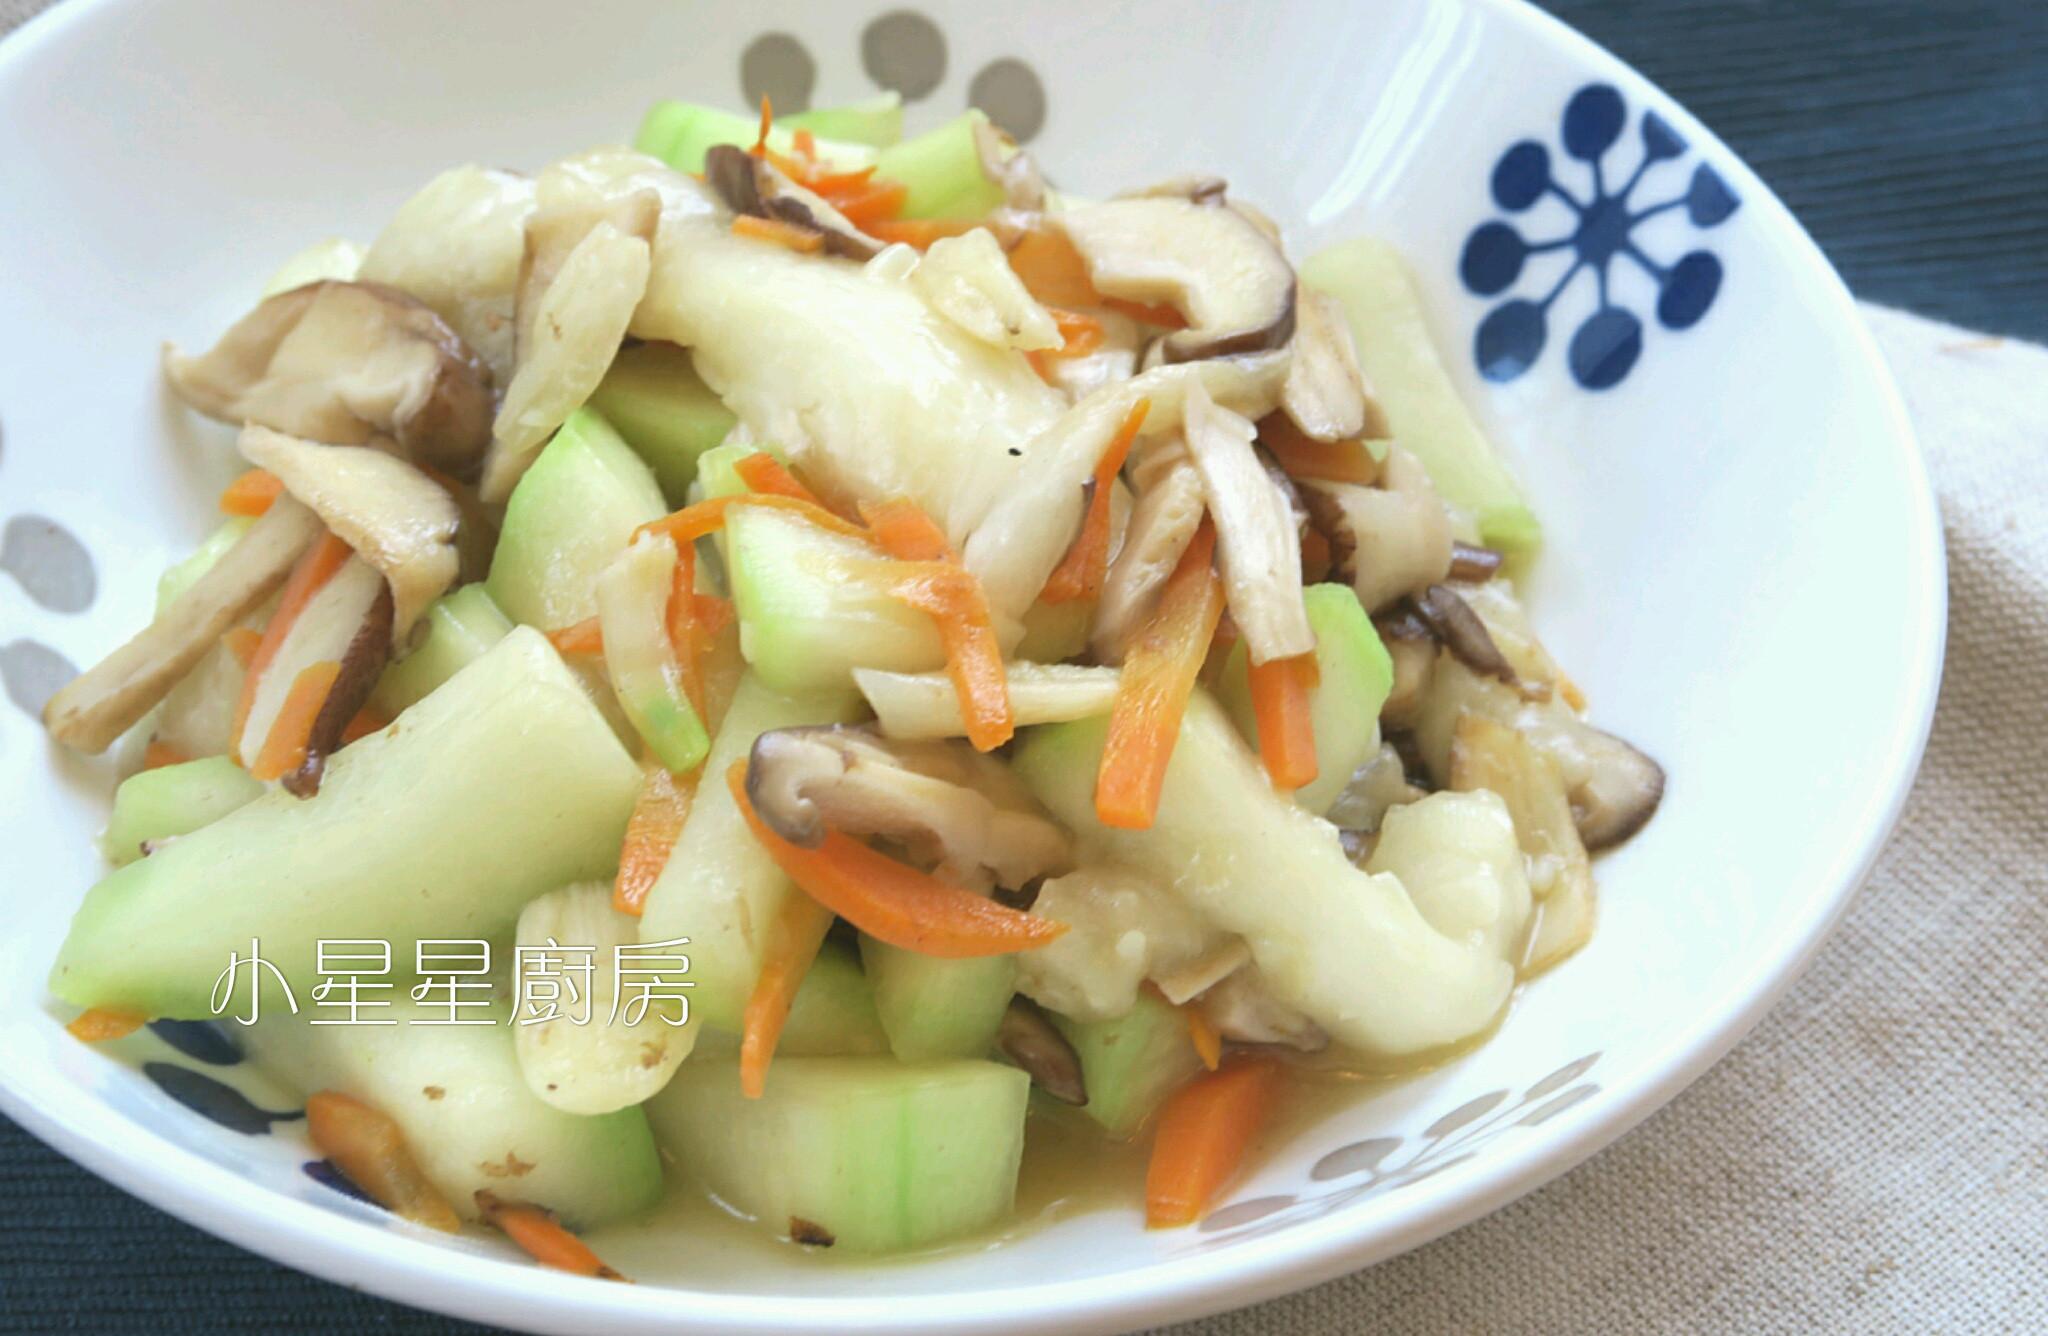 鮮菇炒蒲瓜